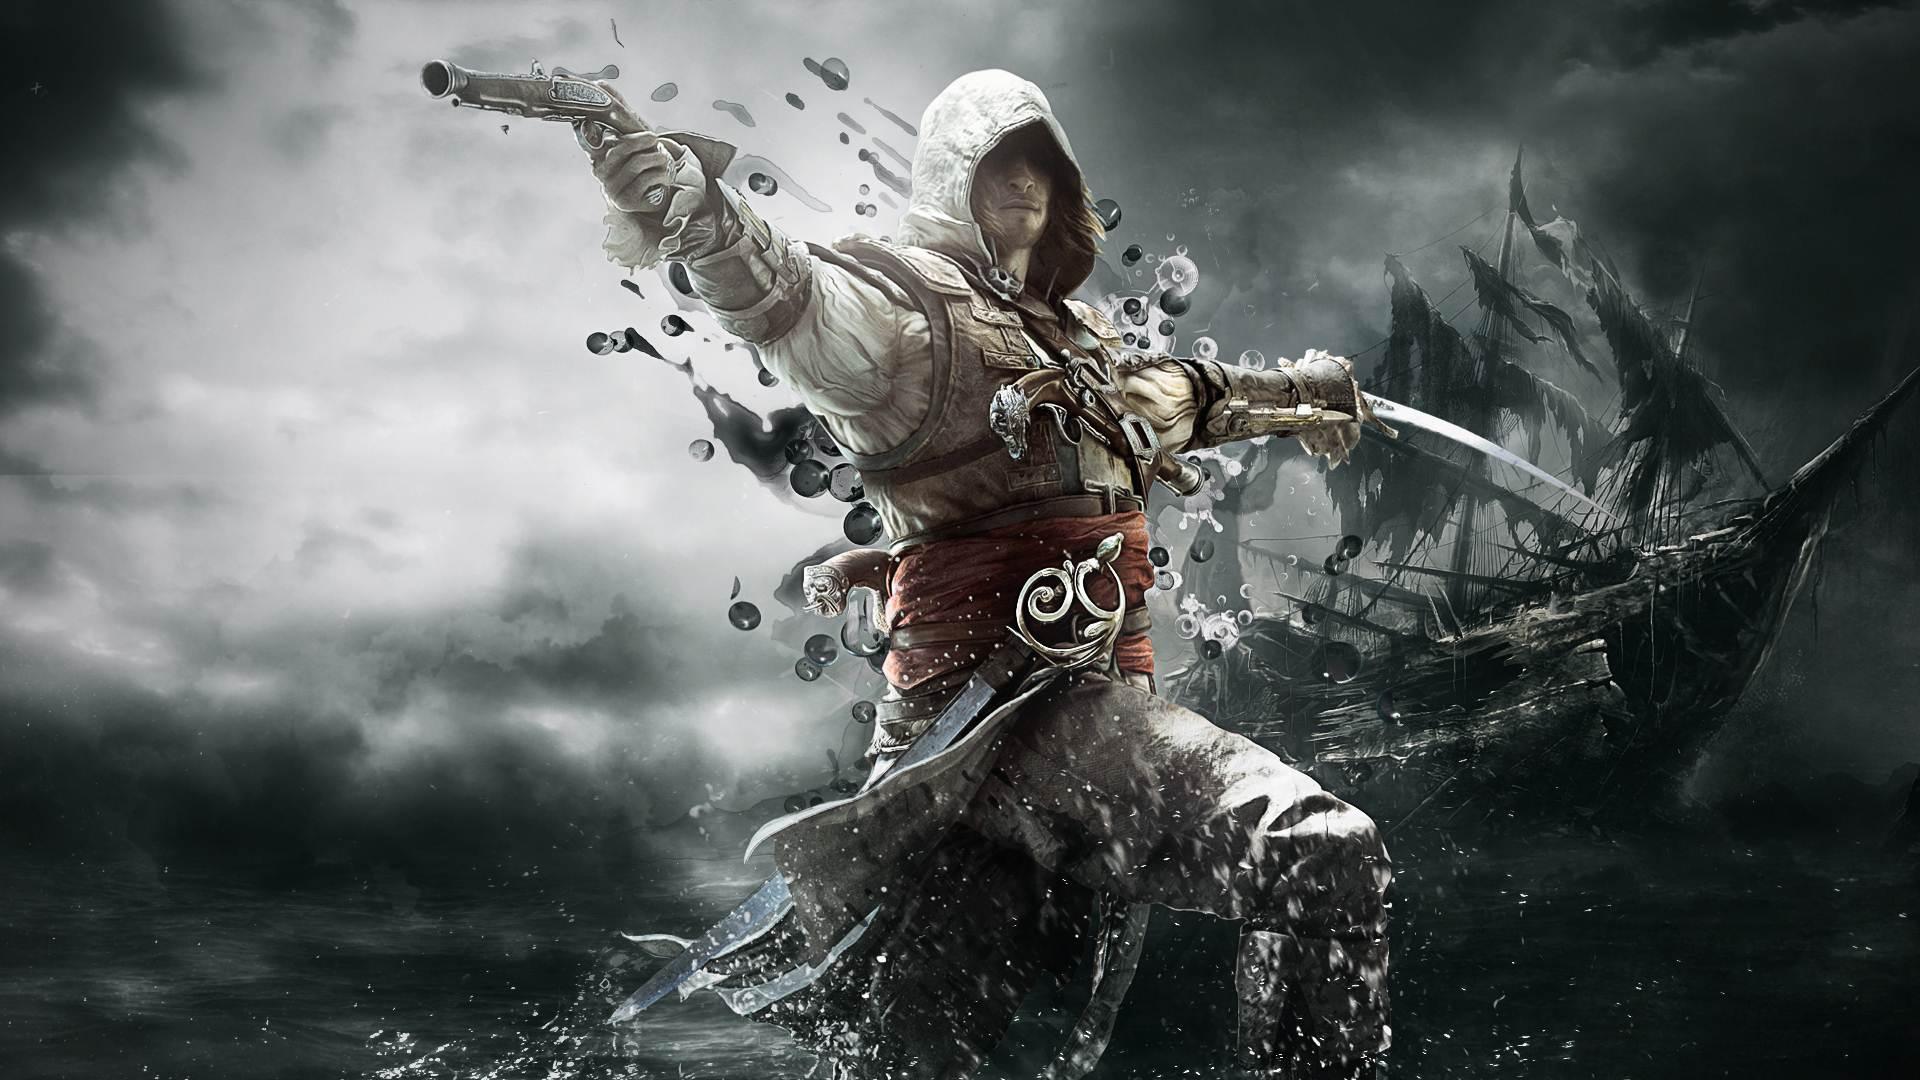 Próximo Assassin's Creed decorrerá na Grécia e chega em 2019 — Rumor